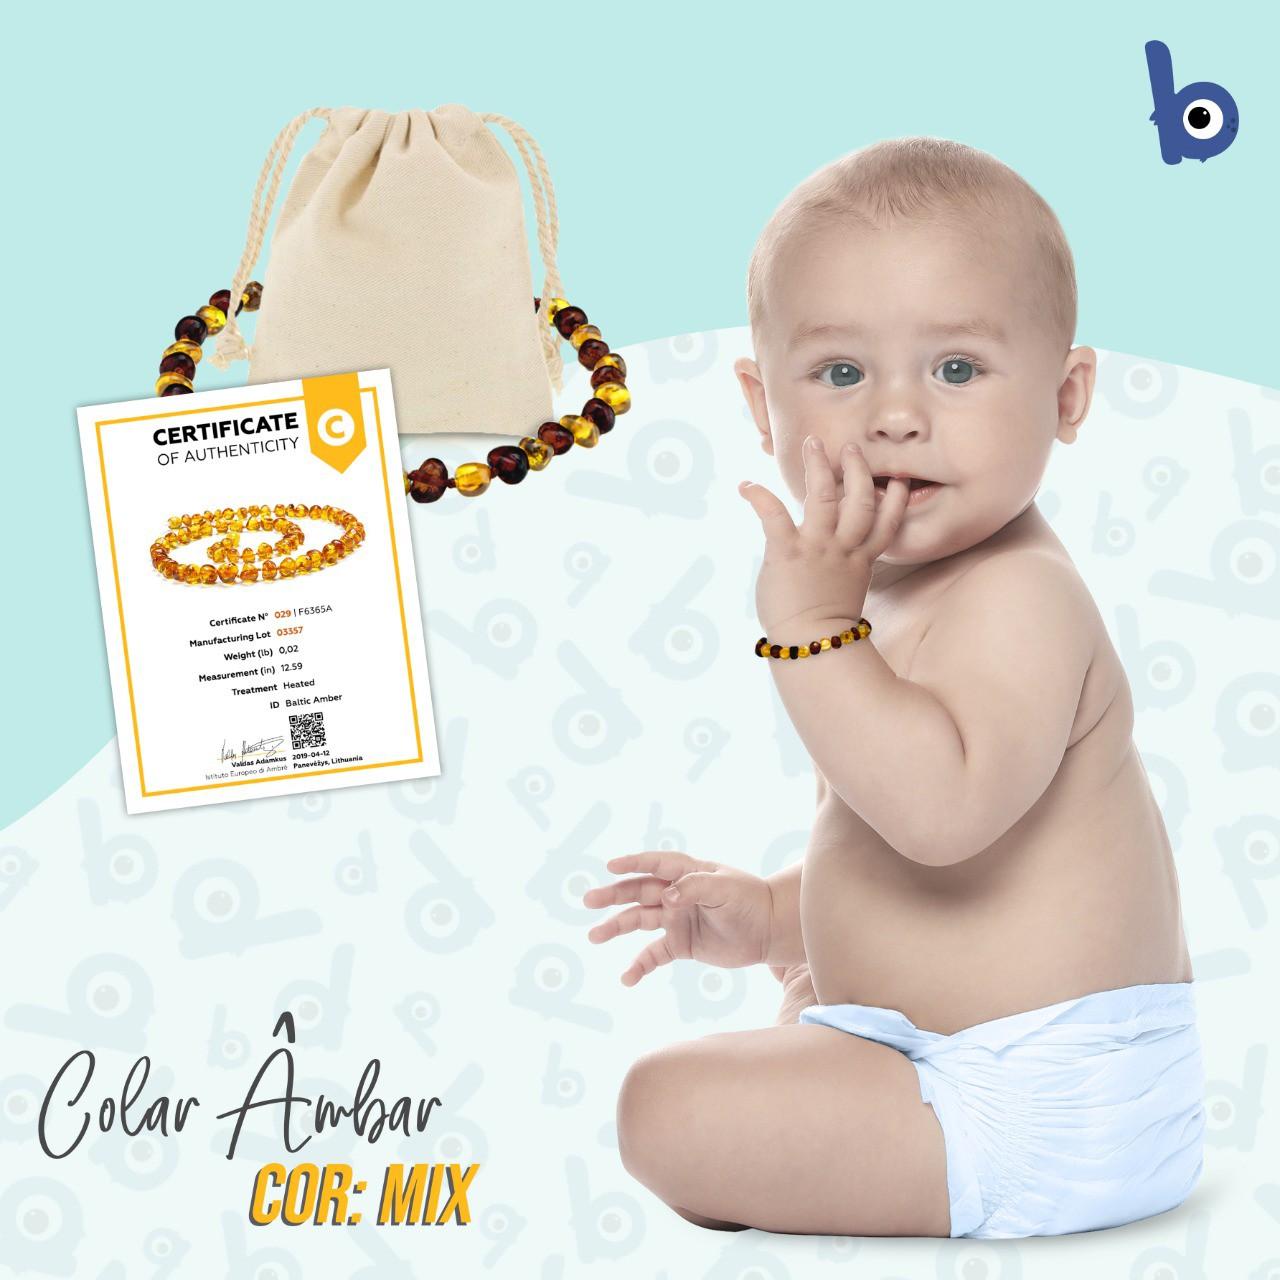 Pulseira  Âmbar Báltico Dentição Infantil Certificado - Mix